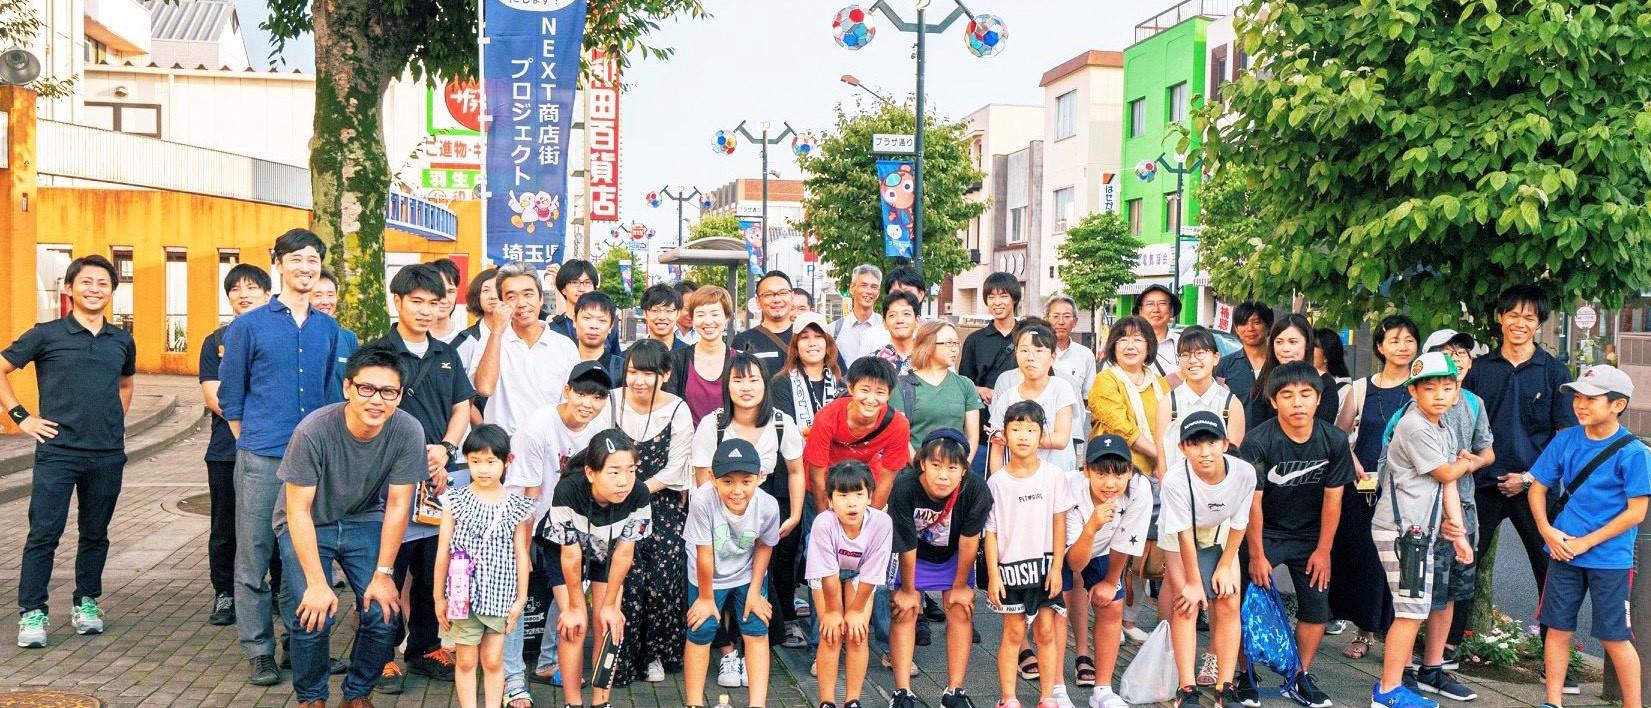 街歩き記事メイン写真01